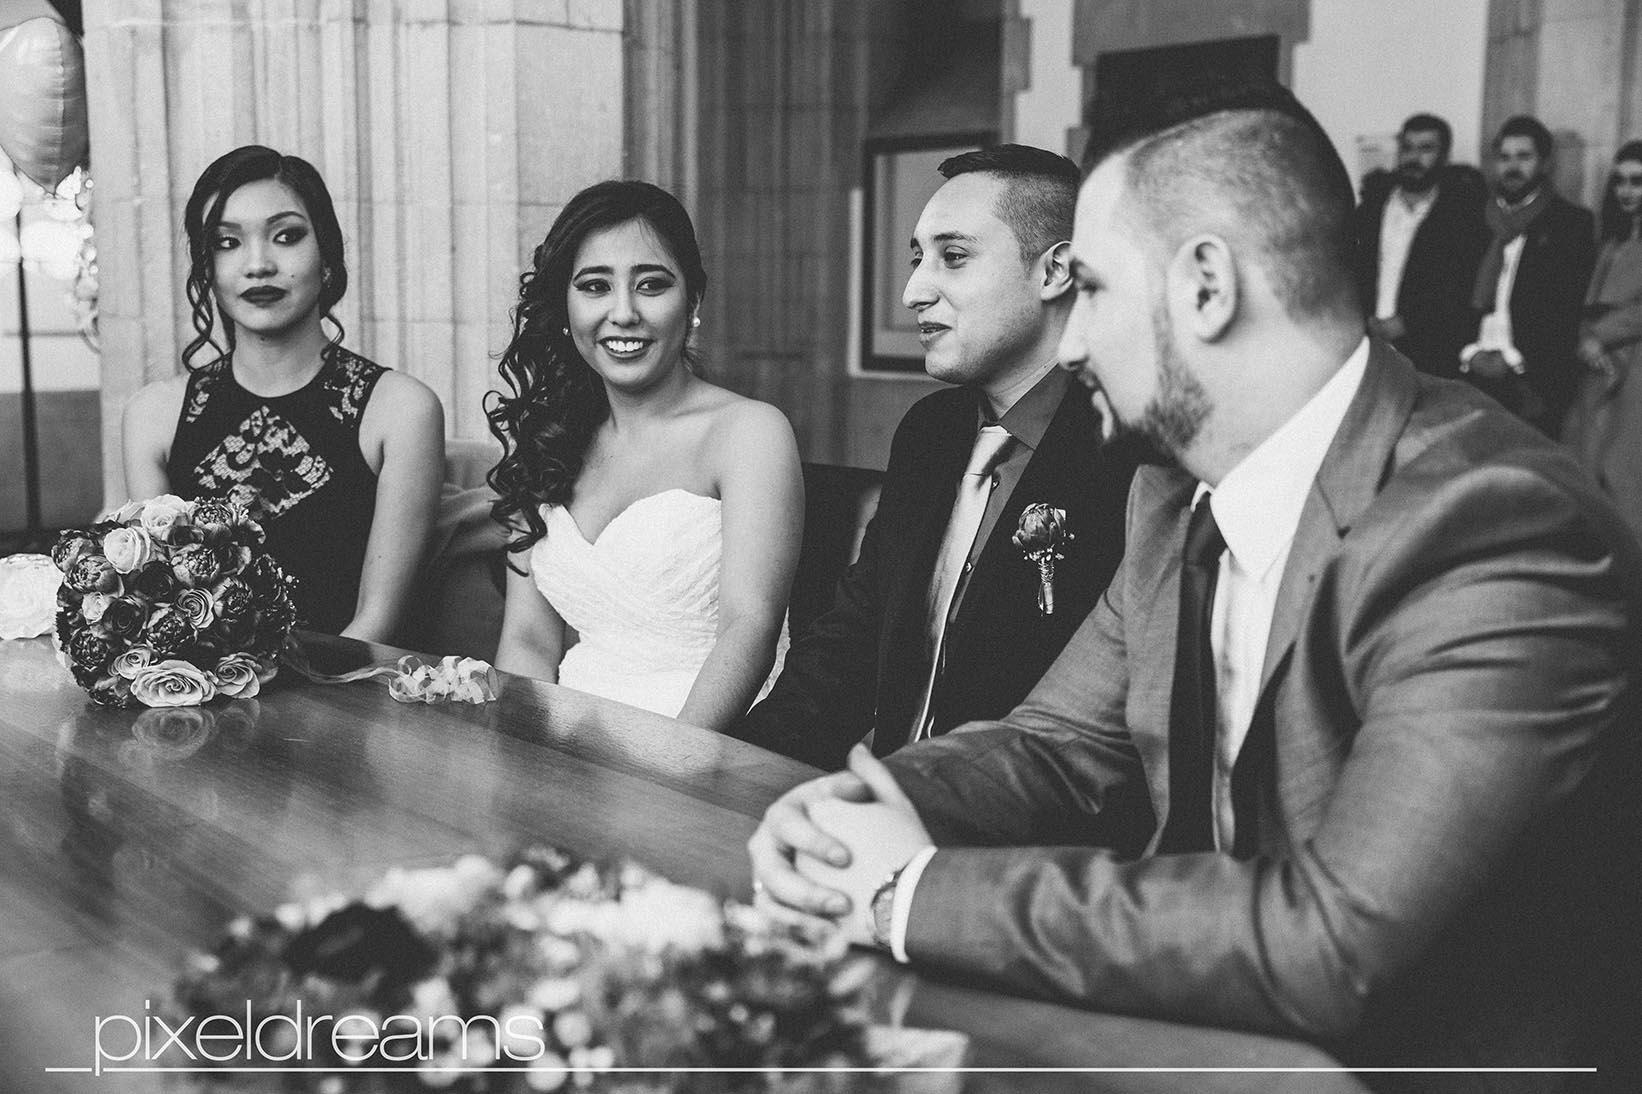 Braut und Bräutigam sitzen mit ihren Trauzeugen vor dem Standesbeamten in der Rentkammer im historischen Rathaus.